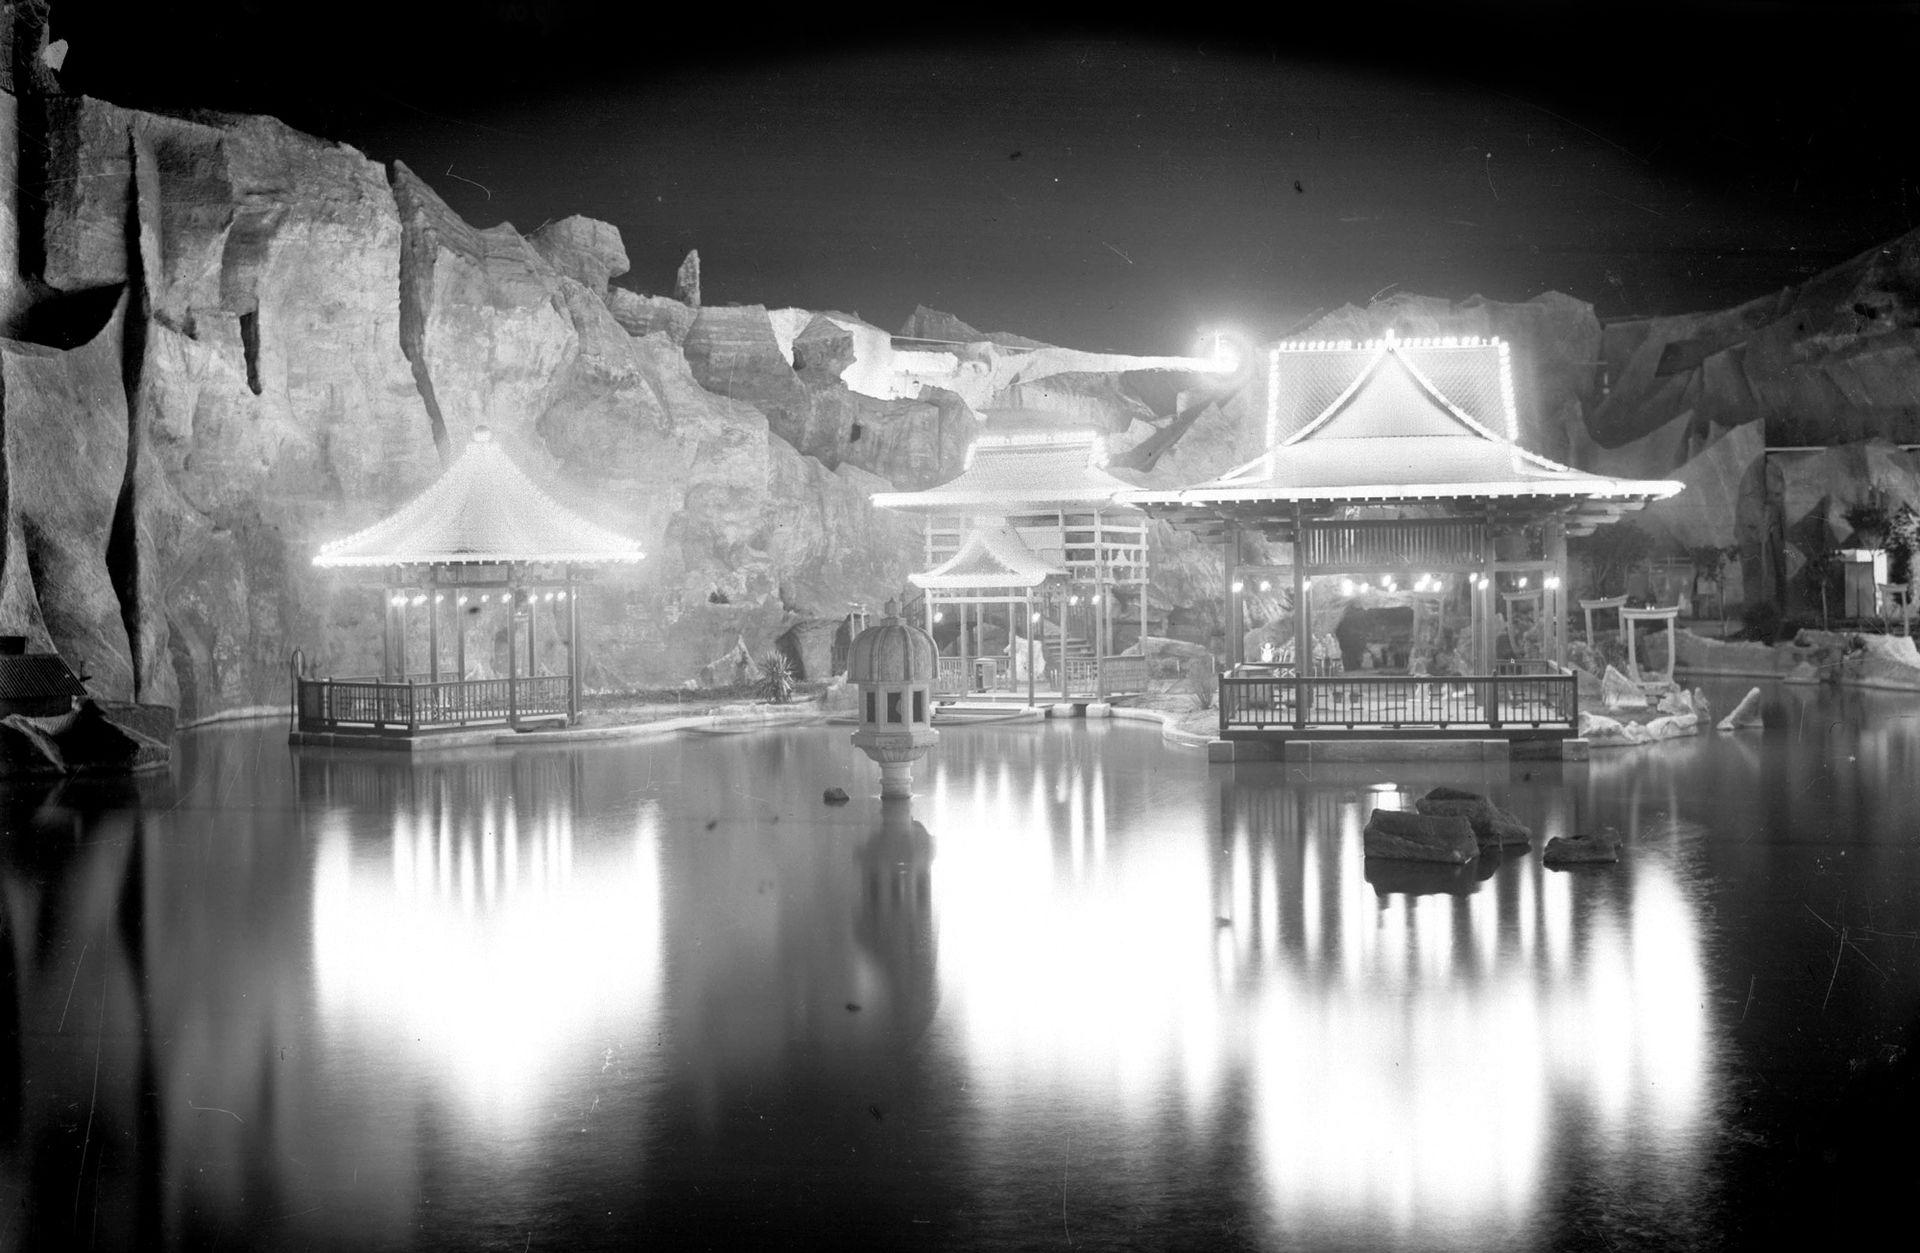 La isla de las Geishas, en el medio del lago veneciano, era uno de los puntos más atractivos durante los veranos.